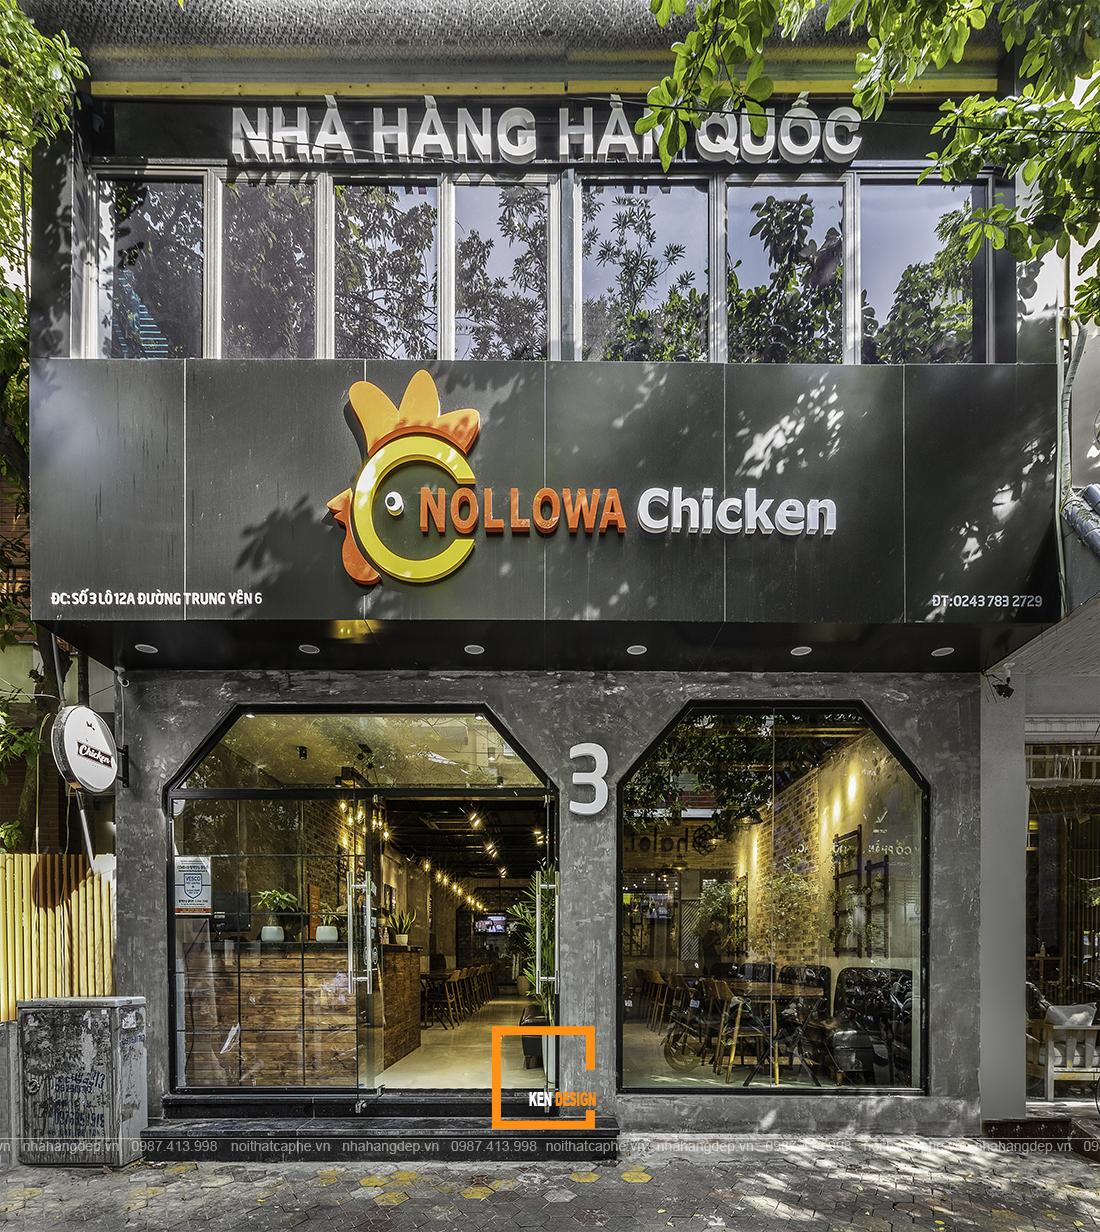 Thi công nhà hàng Nollowa Chicken tại Hà Nội